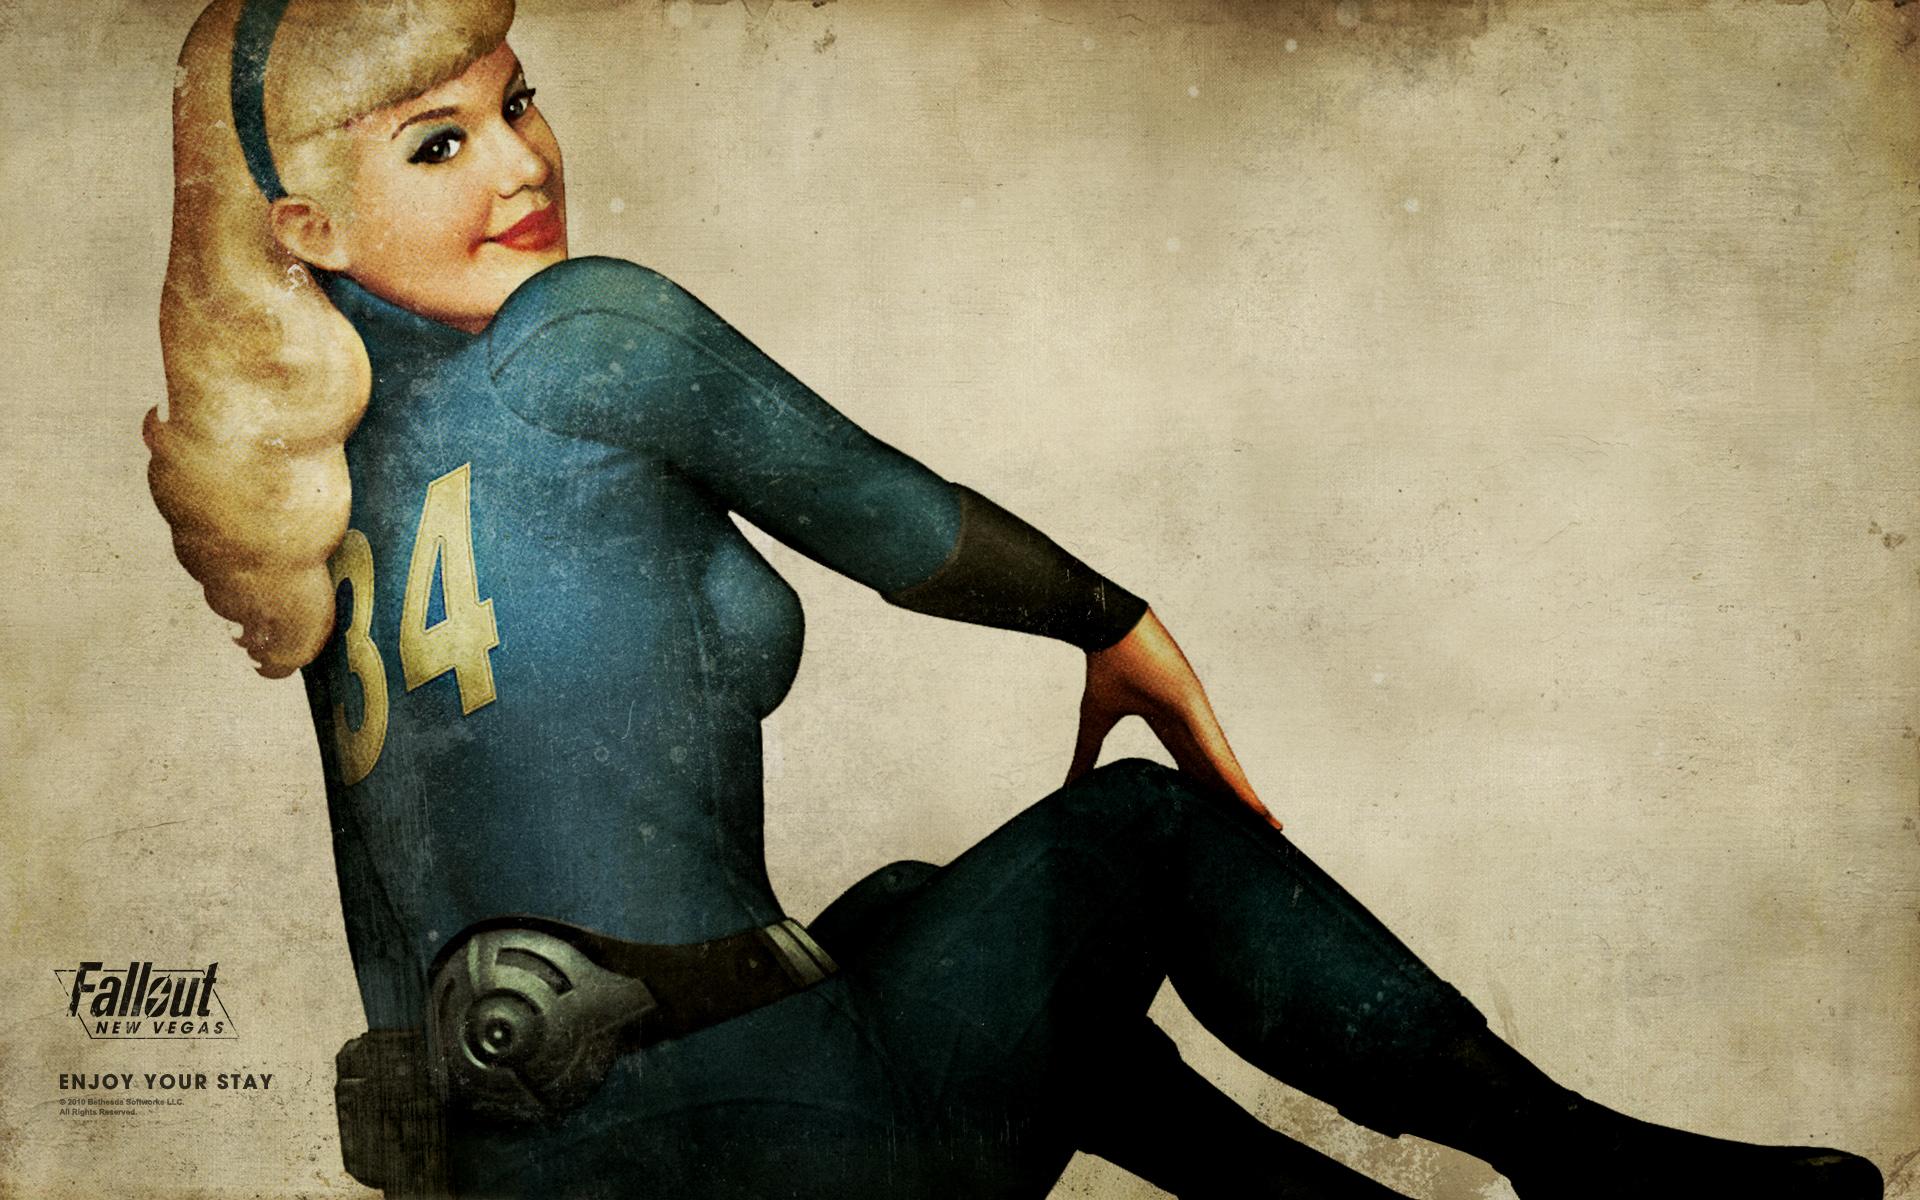 Fallout sexy